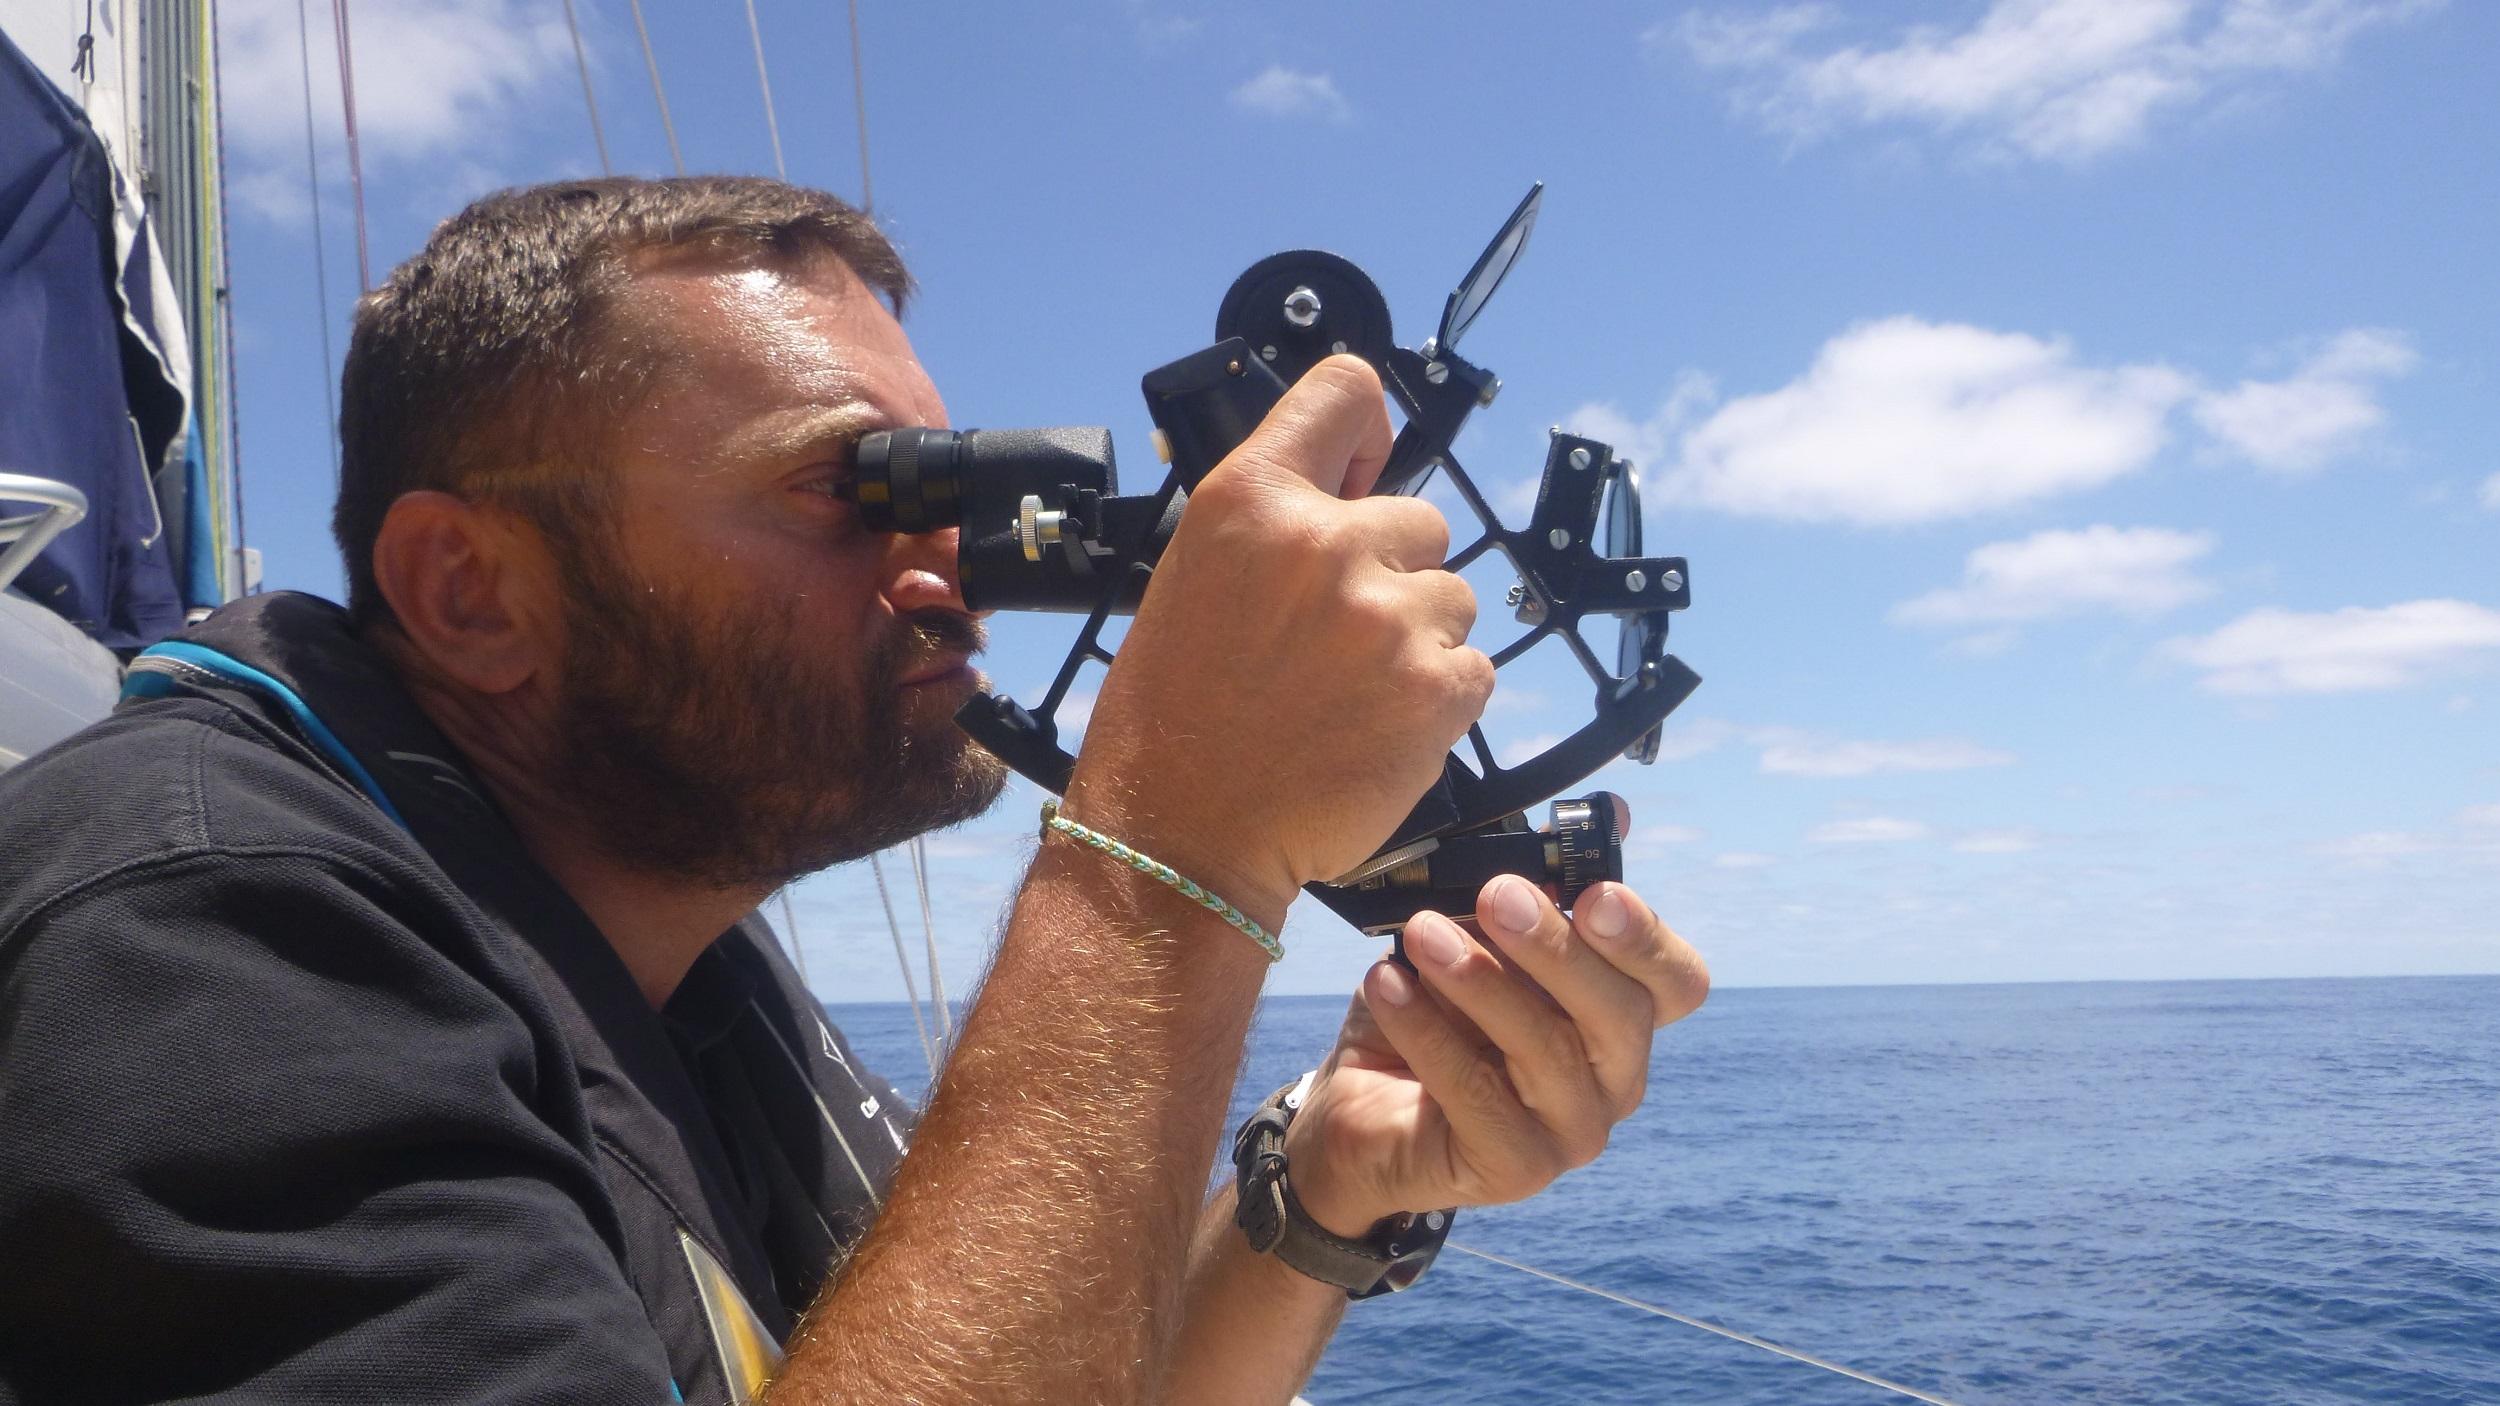 Hero_Yachtmaster_Ocean_theory.jpg